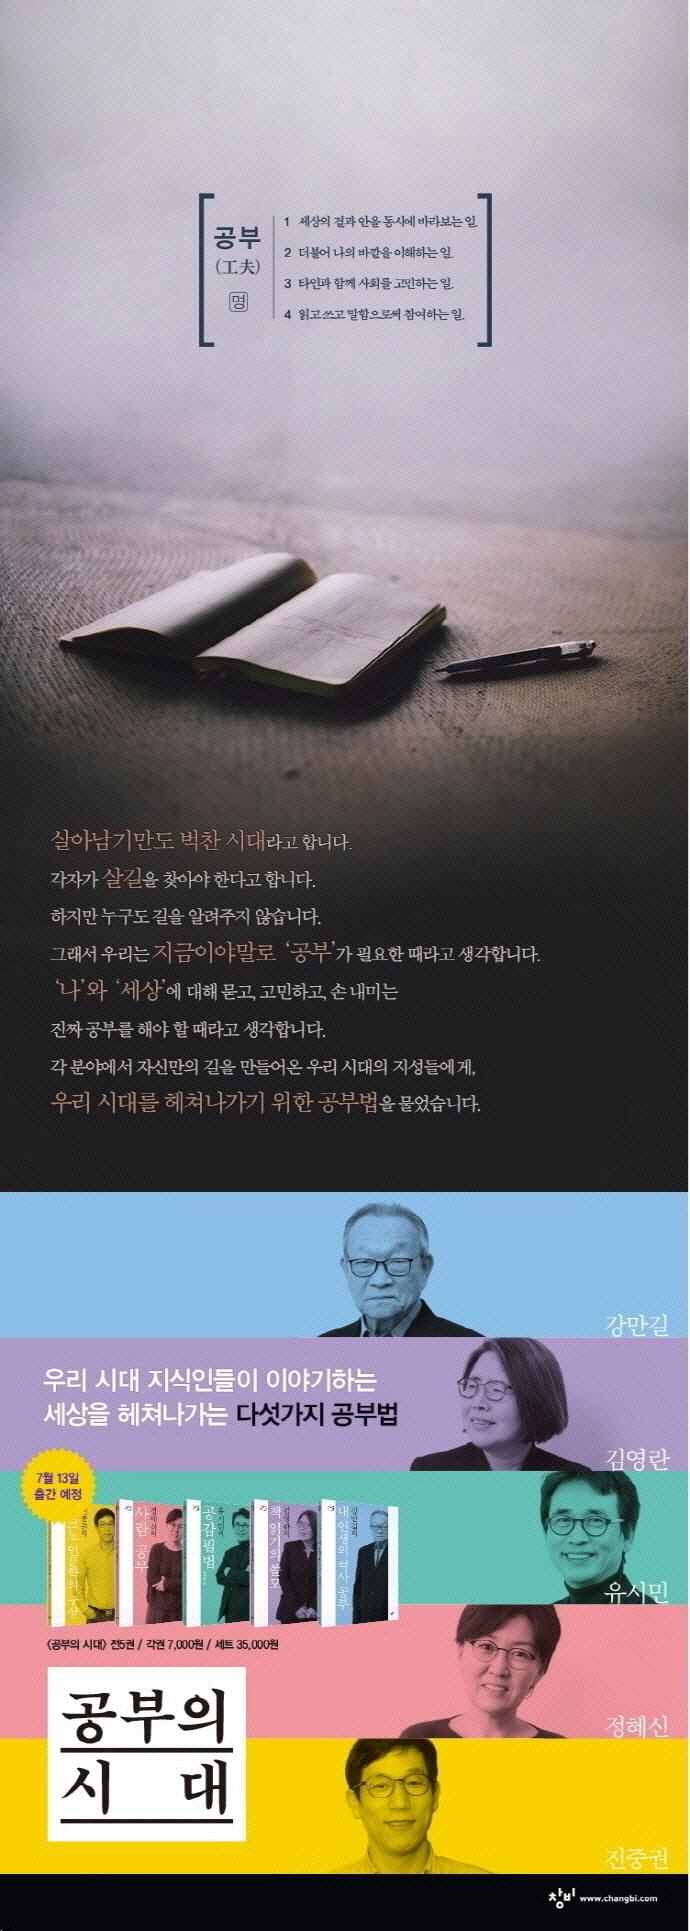 정혜신의 사람 공부(공부의 시대)(양장본 HardCover) 도서 상세이미지